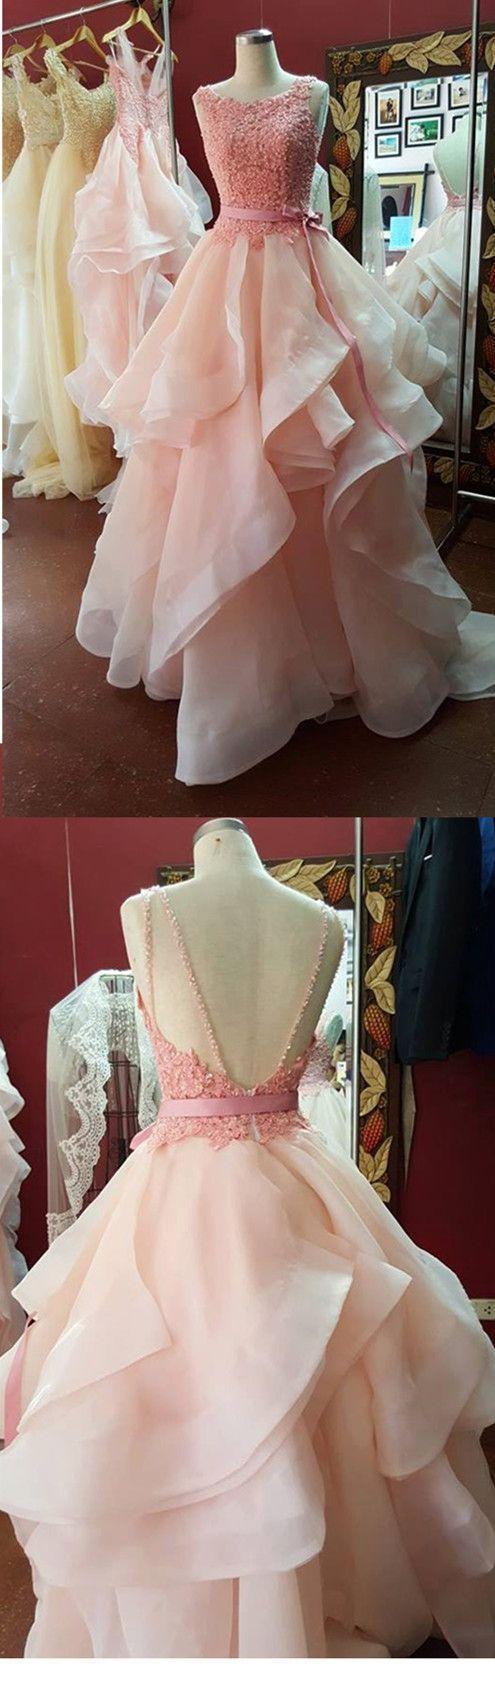 Ball gown backless prom dresseslong prom dressescheap prom dresses